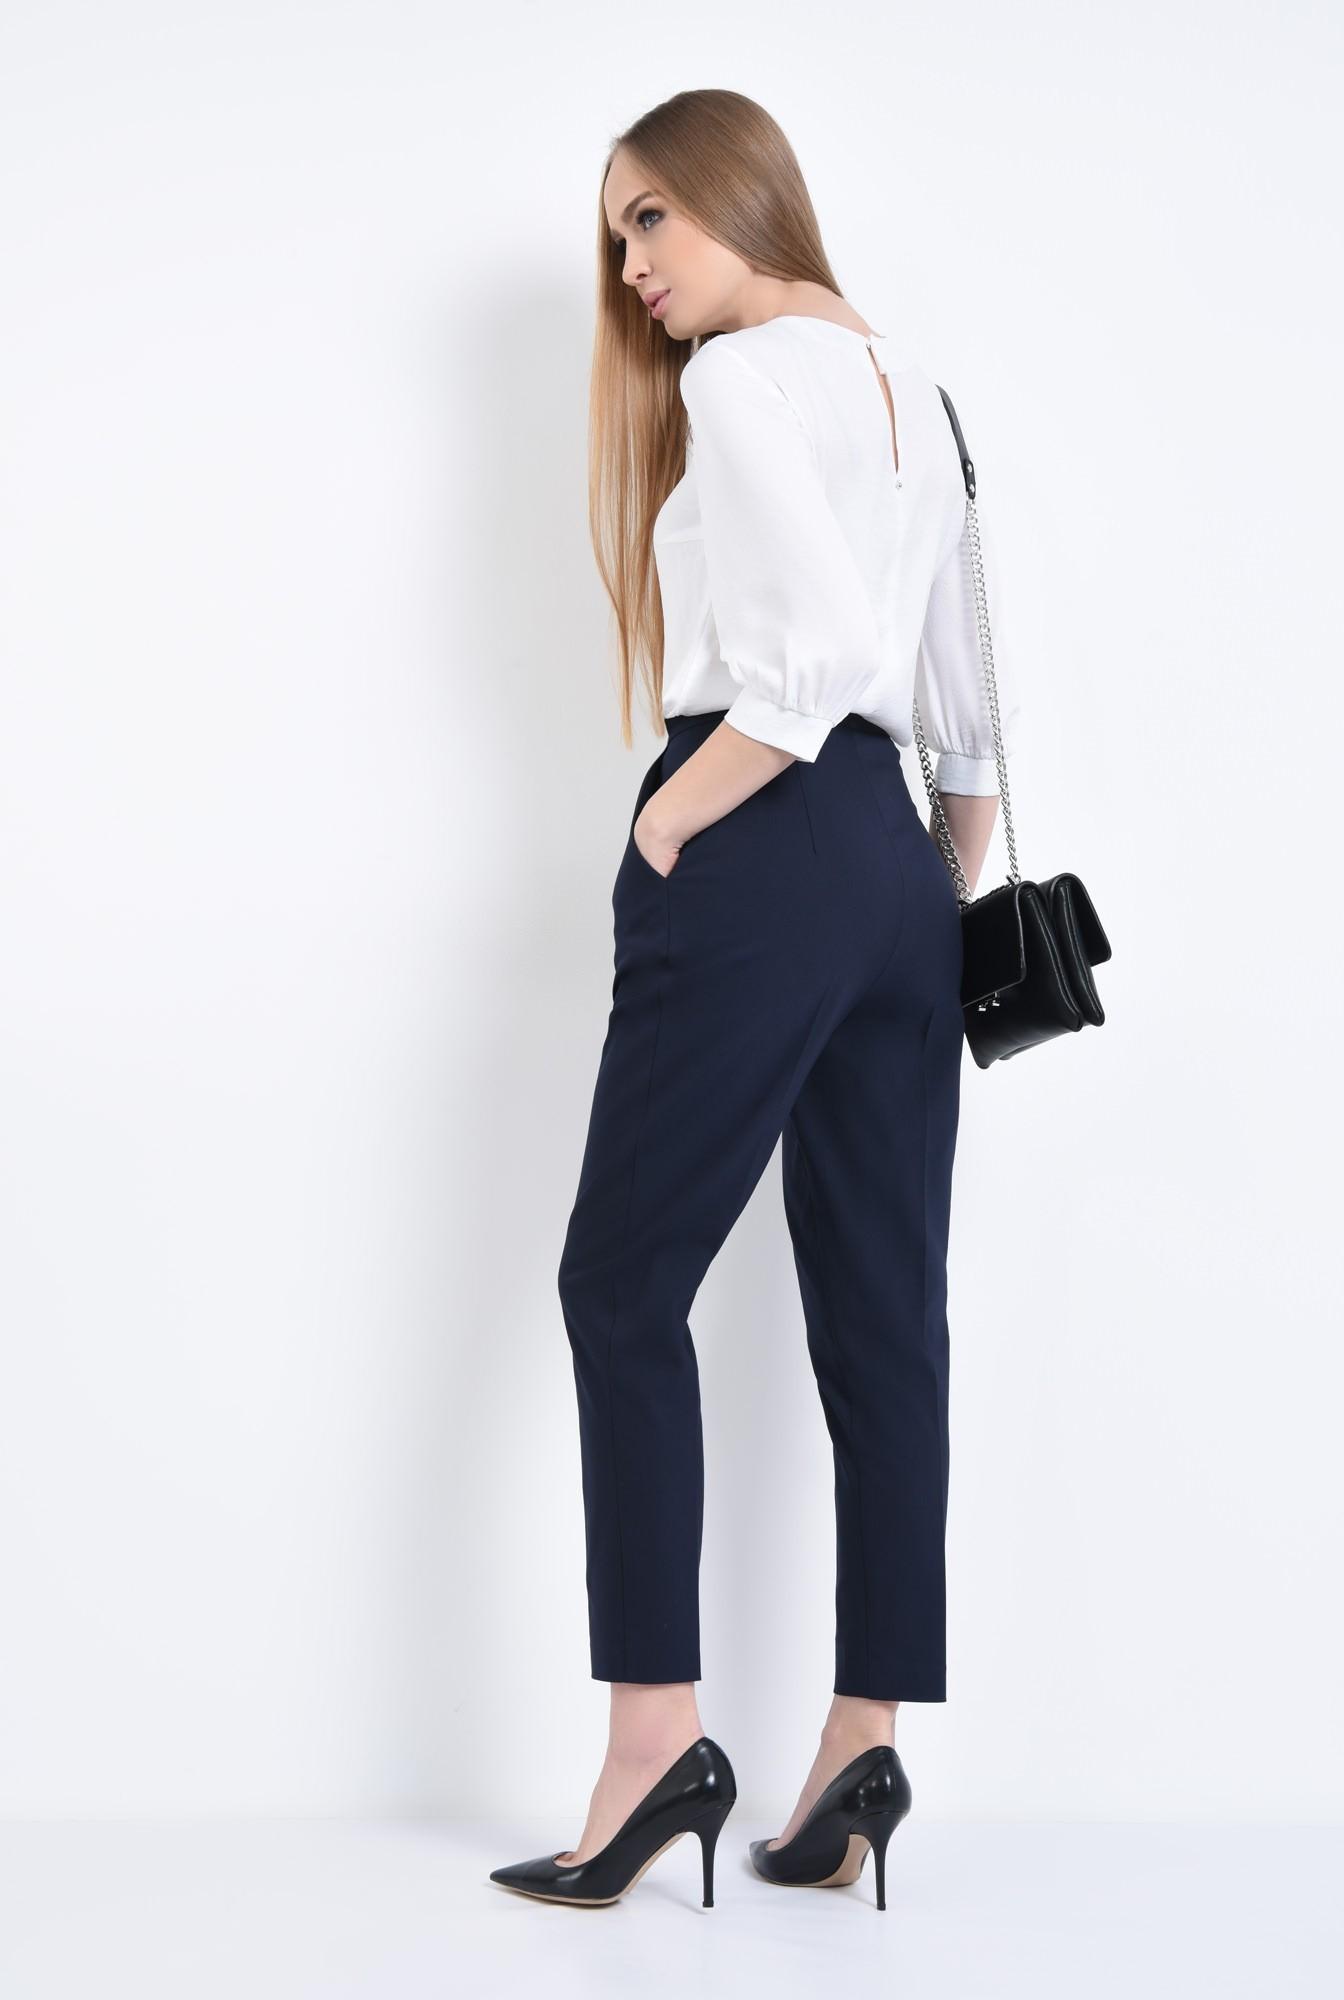 1 - Pantaloni office, clasici, cu pense